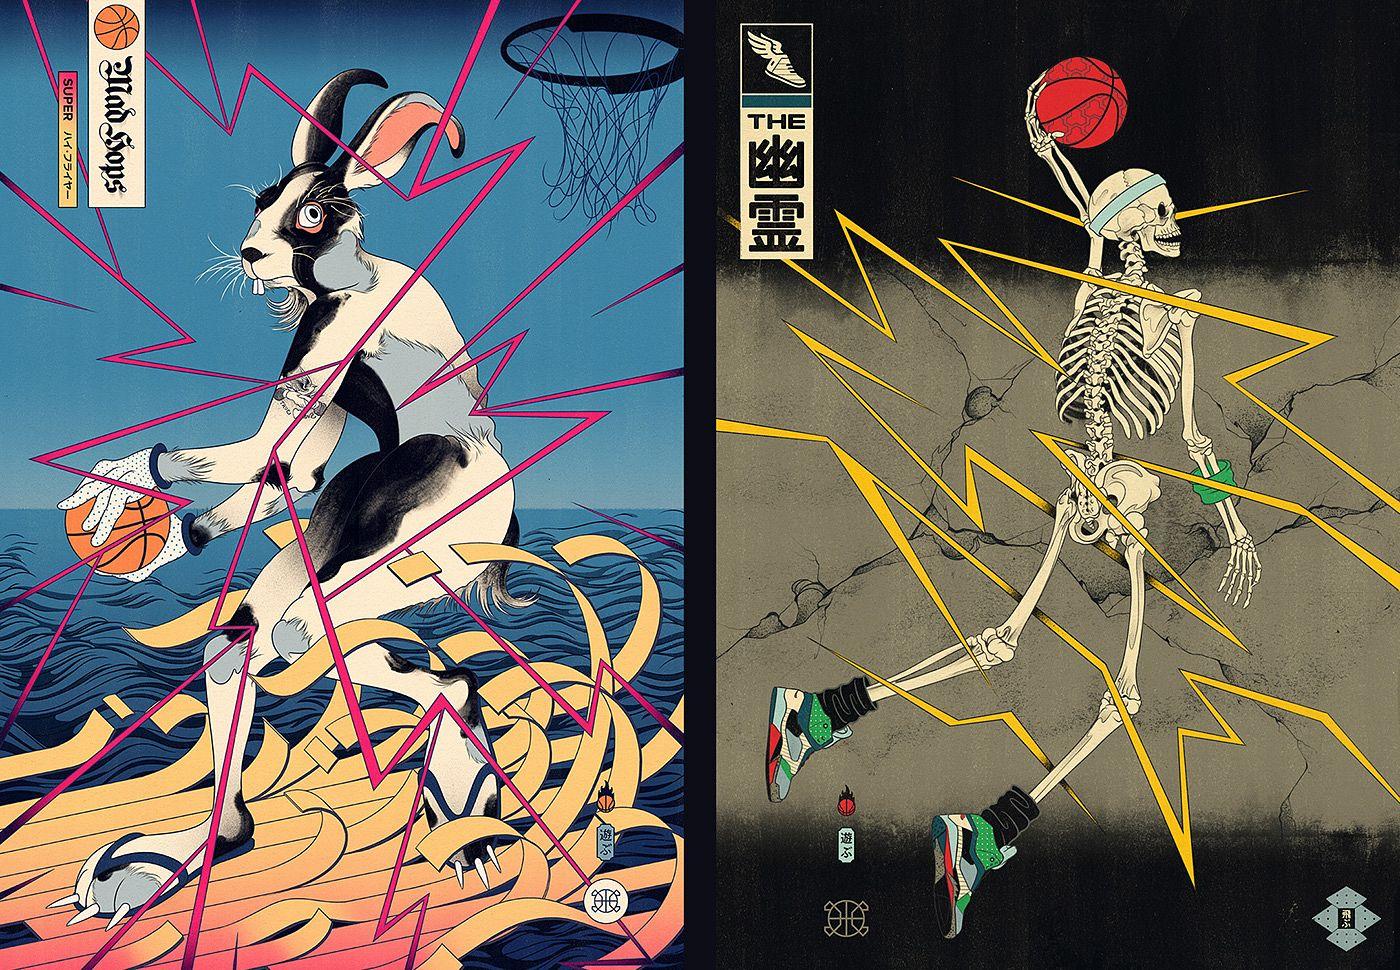 art of the game ukiyo-e heroes netflix